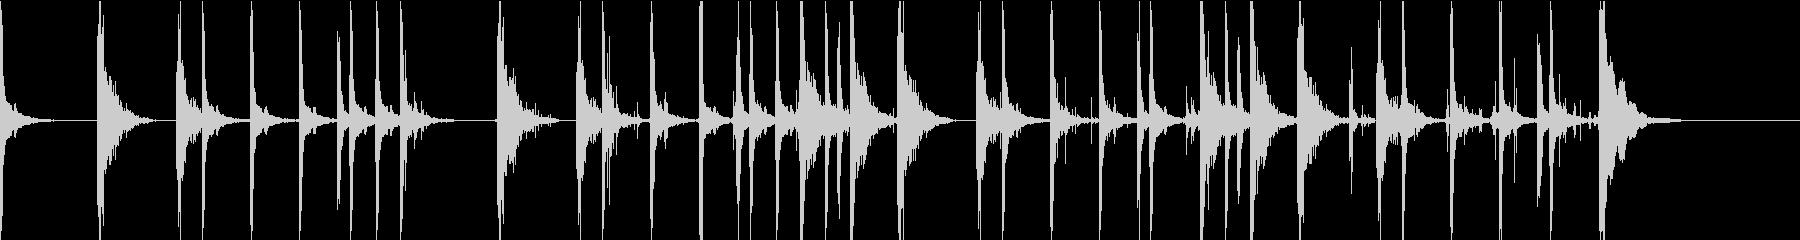 足音をイメージした音の未再生の波形